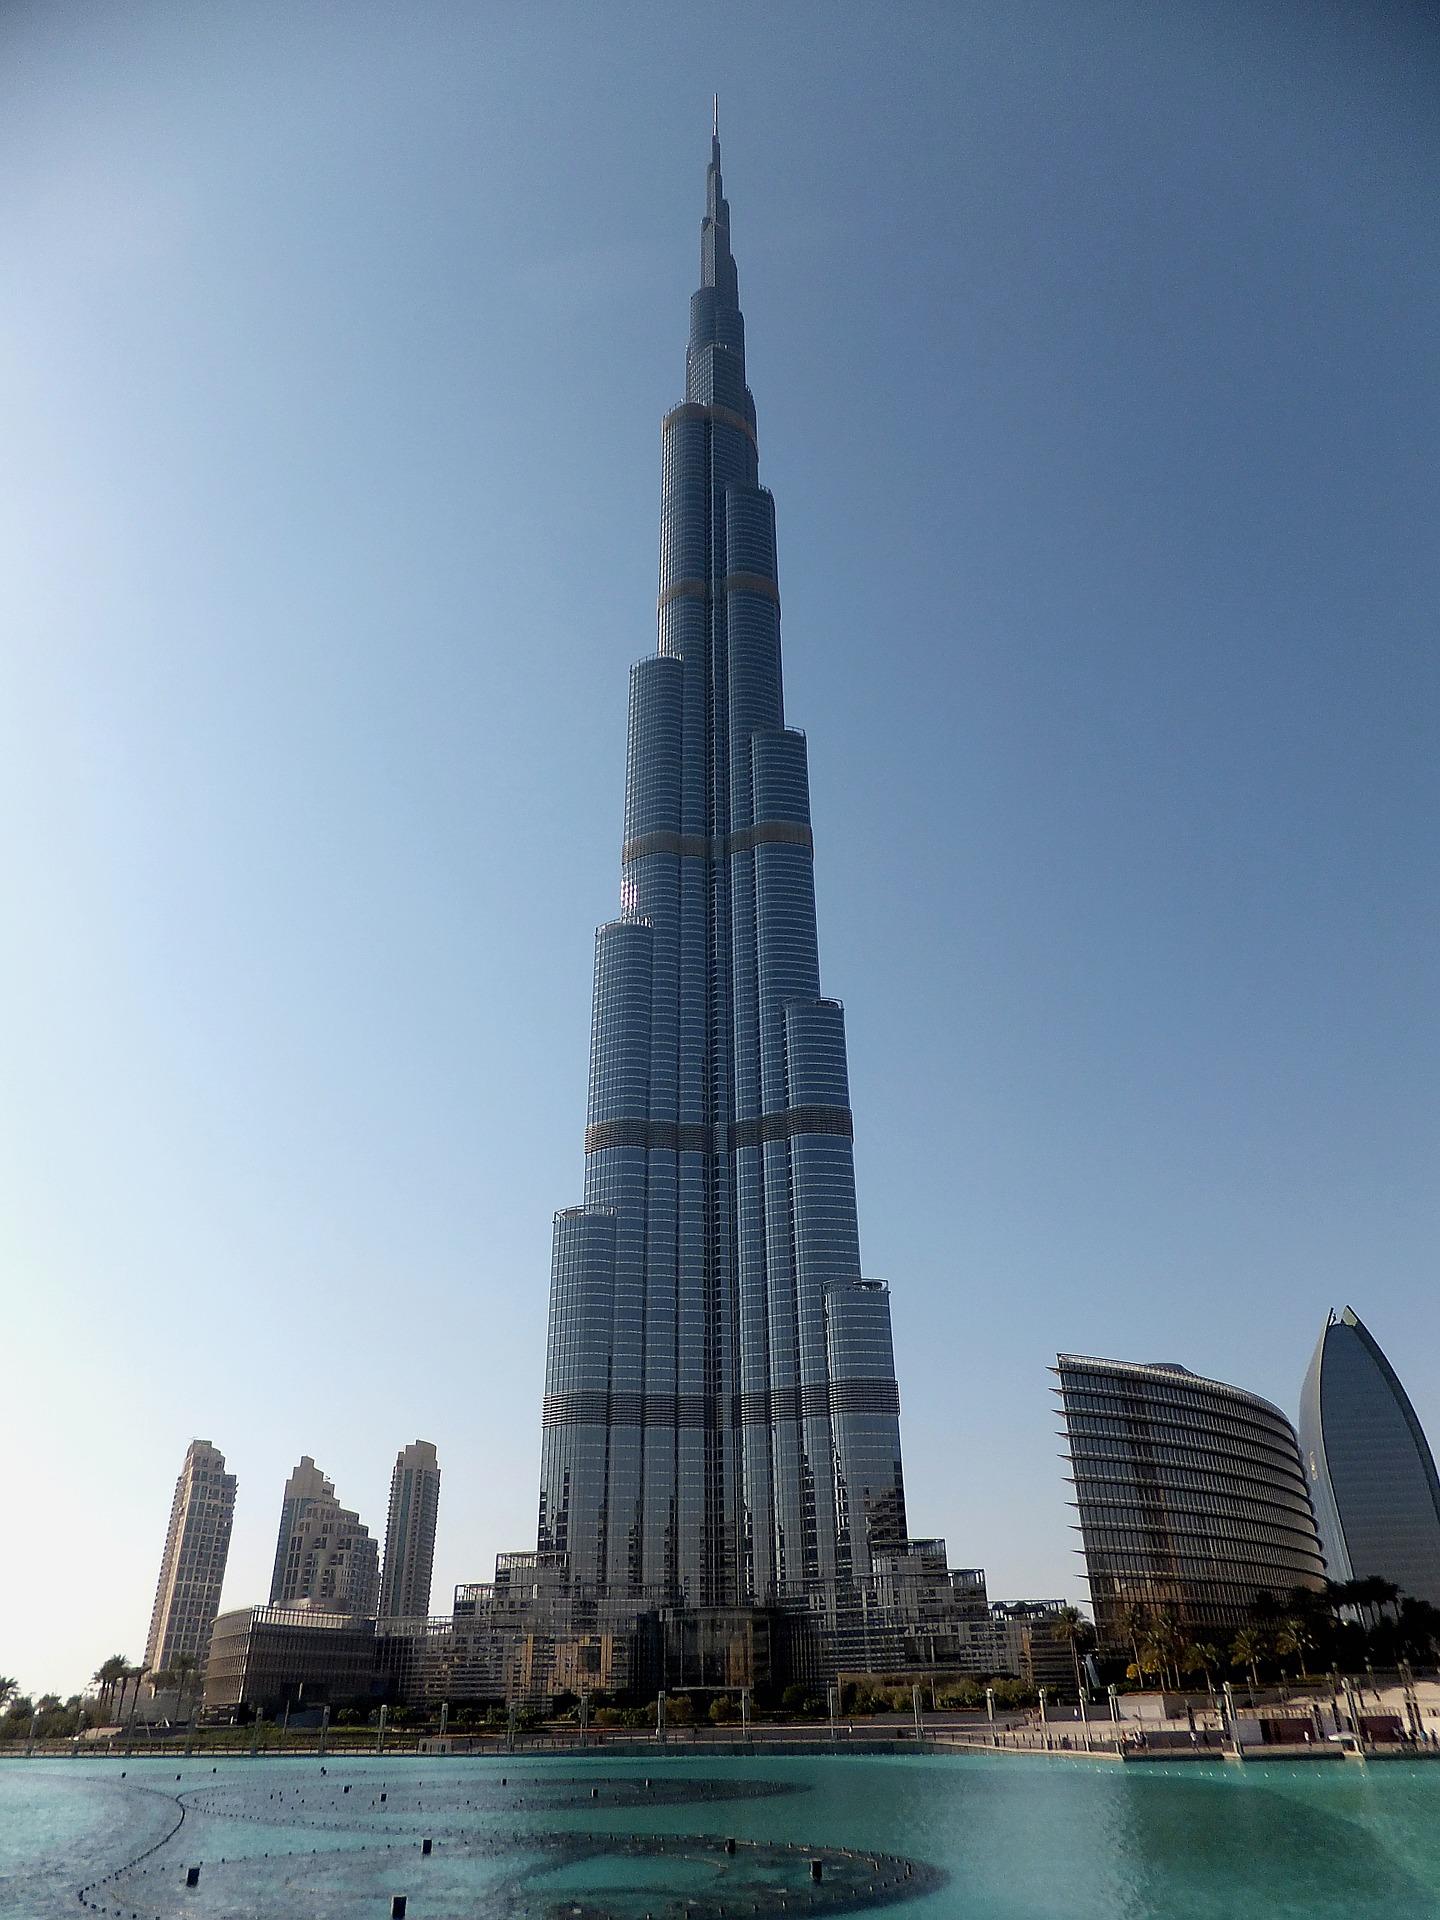 Burj Khalifa das höchste Gebäude der Welt , entscheiden Sie selber ob es bis in den 124 oder 148 Stock geht